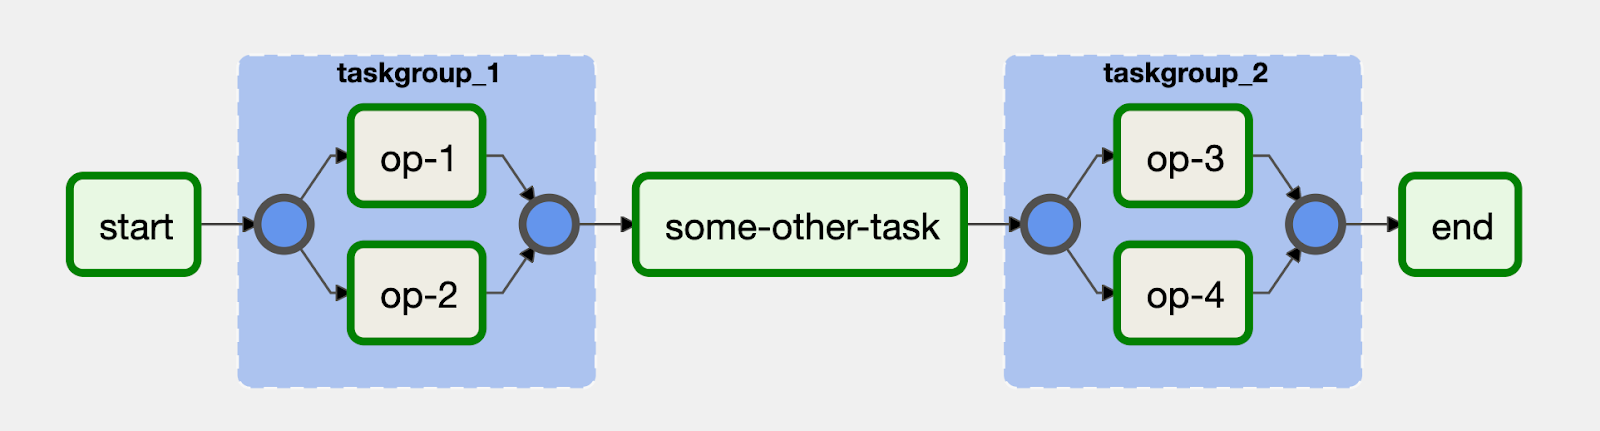 Les tâches peuvent être regroupées sous l'interface utilisateur d'Airflow 2 dans l'interface utilisateur.